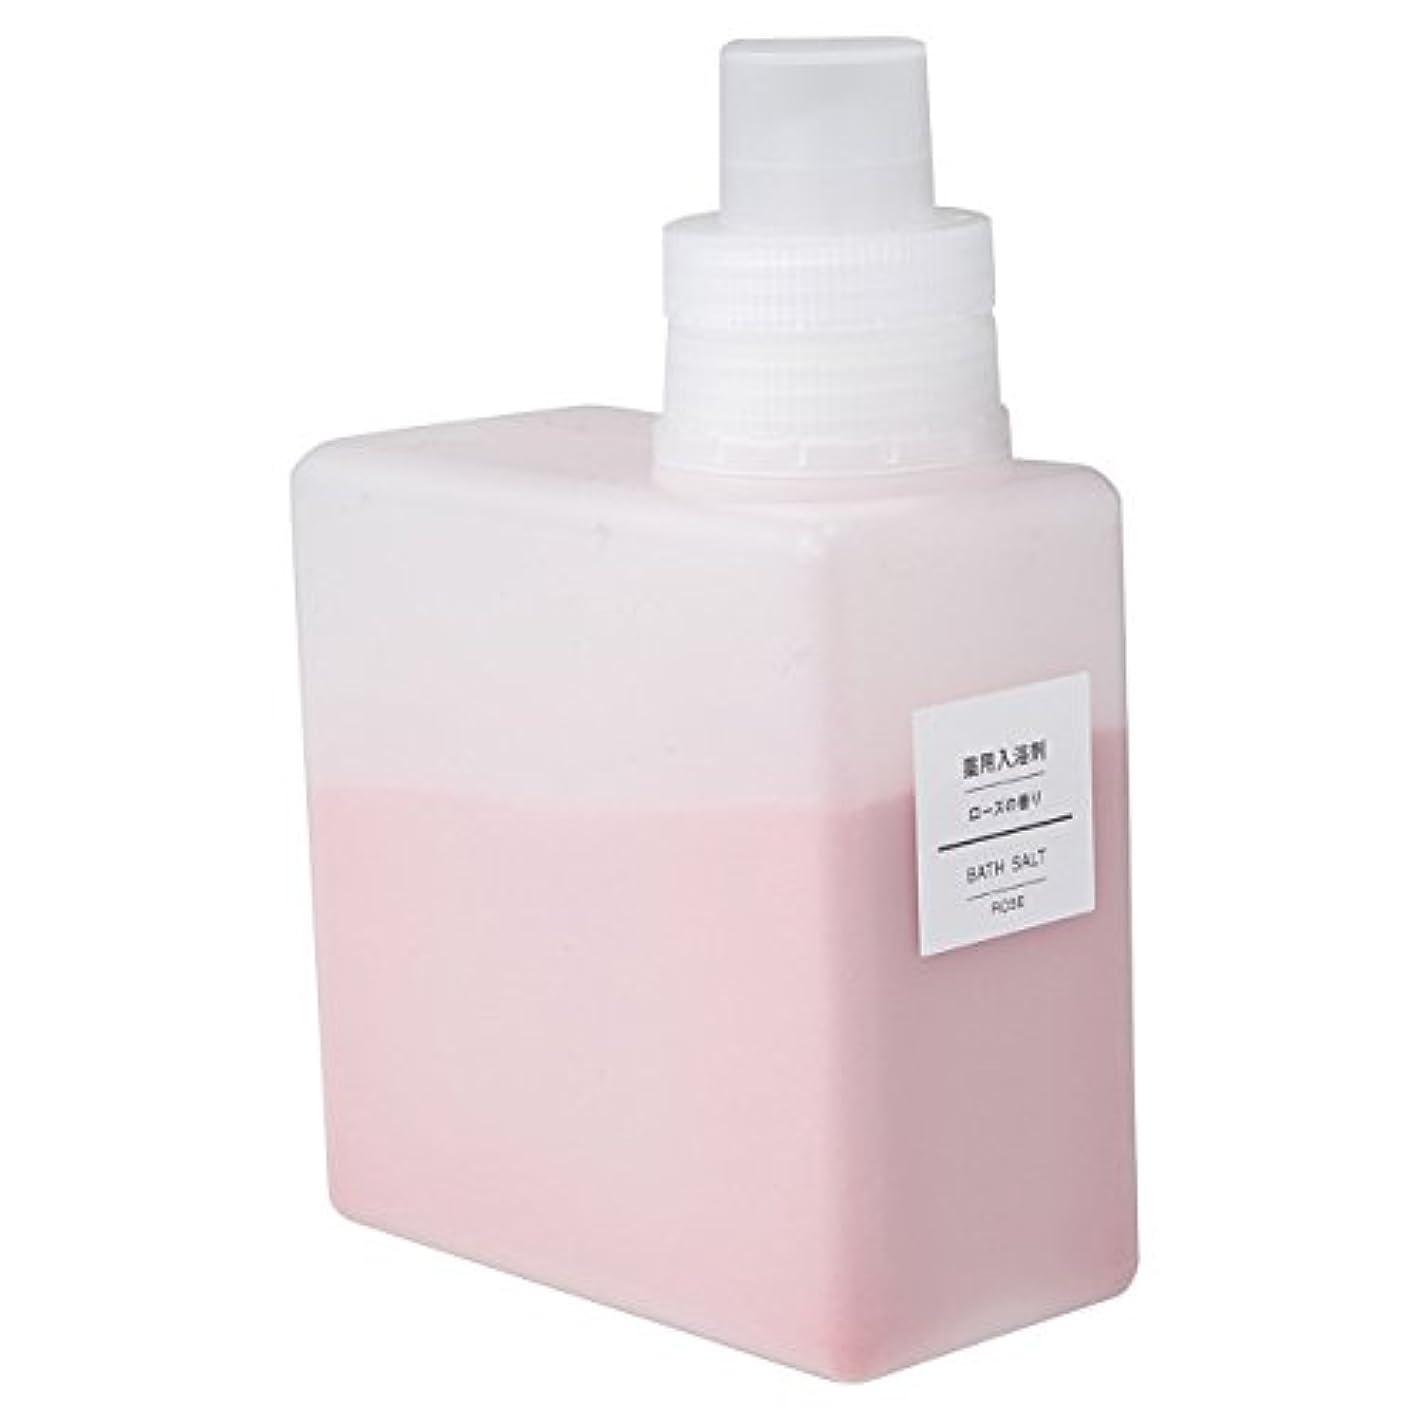 著作権確かに綺麗な無印良品 薬用入浴剤?ローズの香り (新)500g 日本製